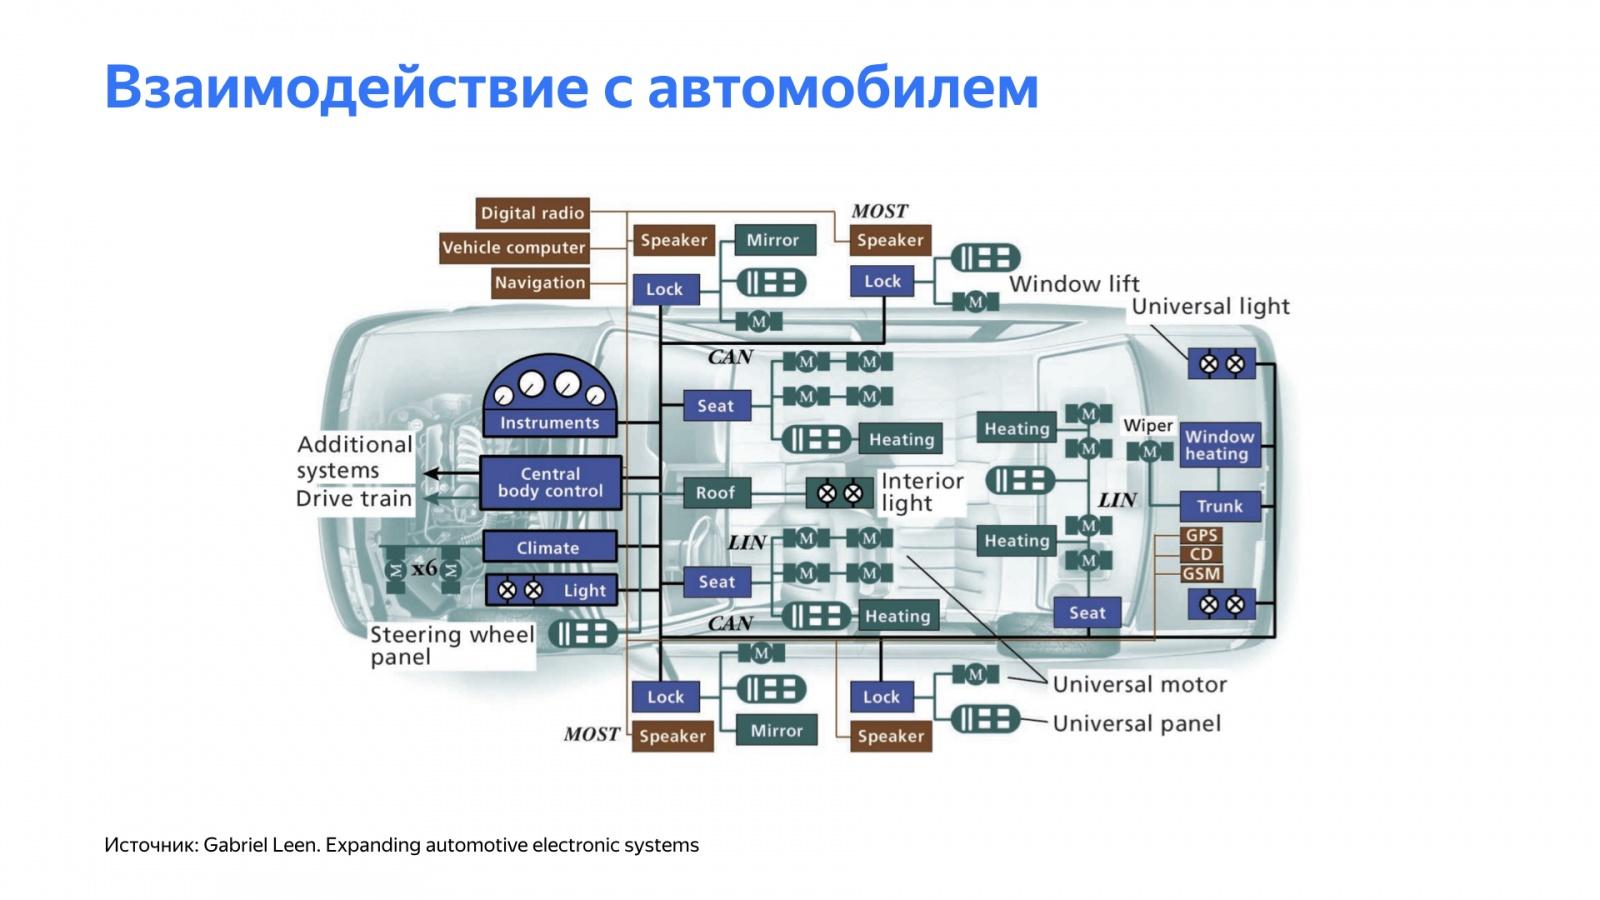 Беспилотный автомобиль: оживляем алгоритмы. Доклад Яндекса - 4